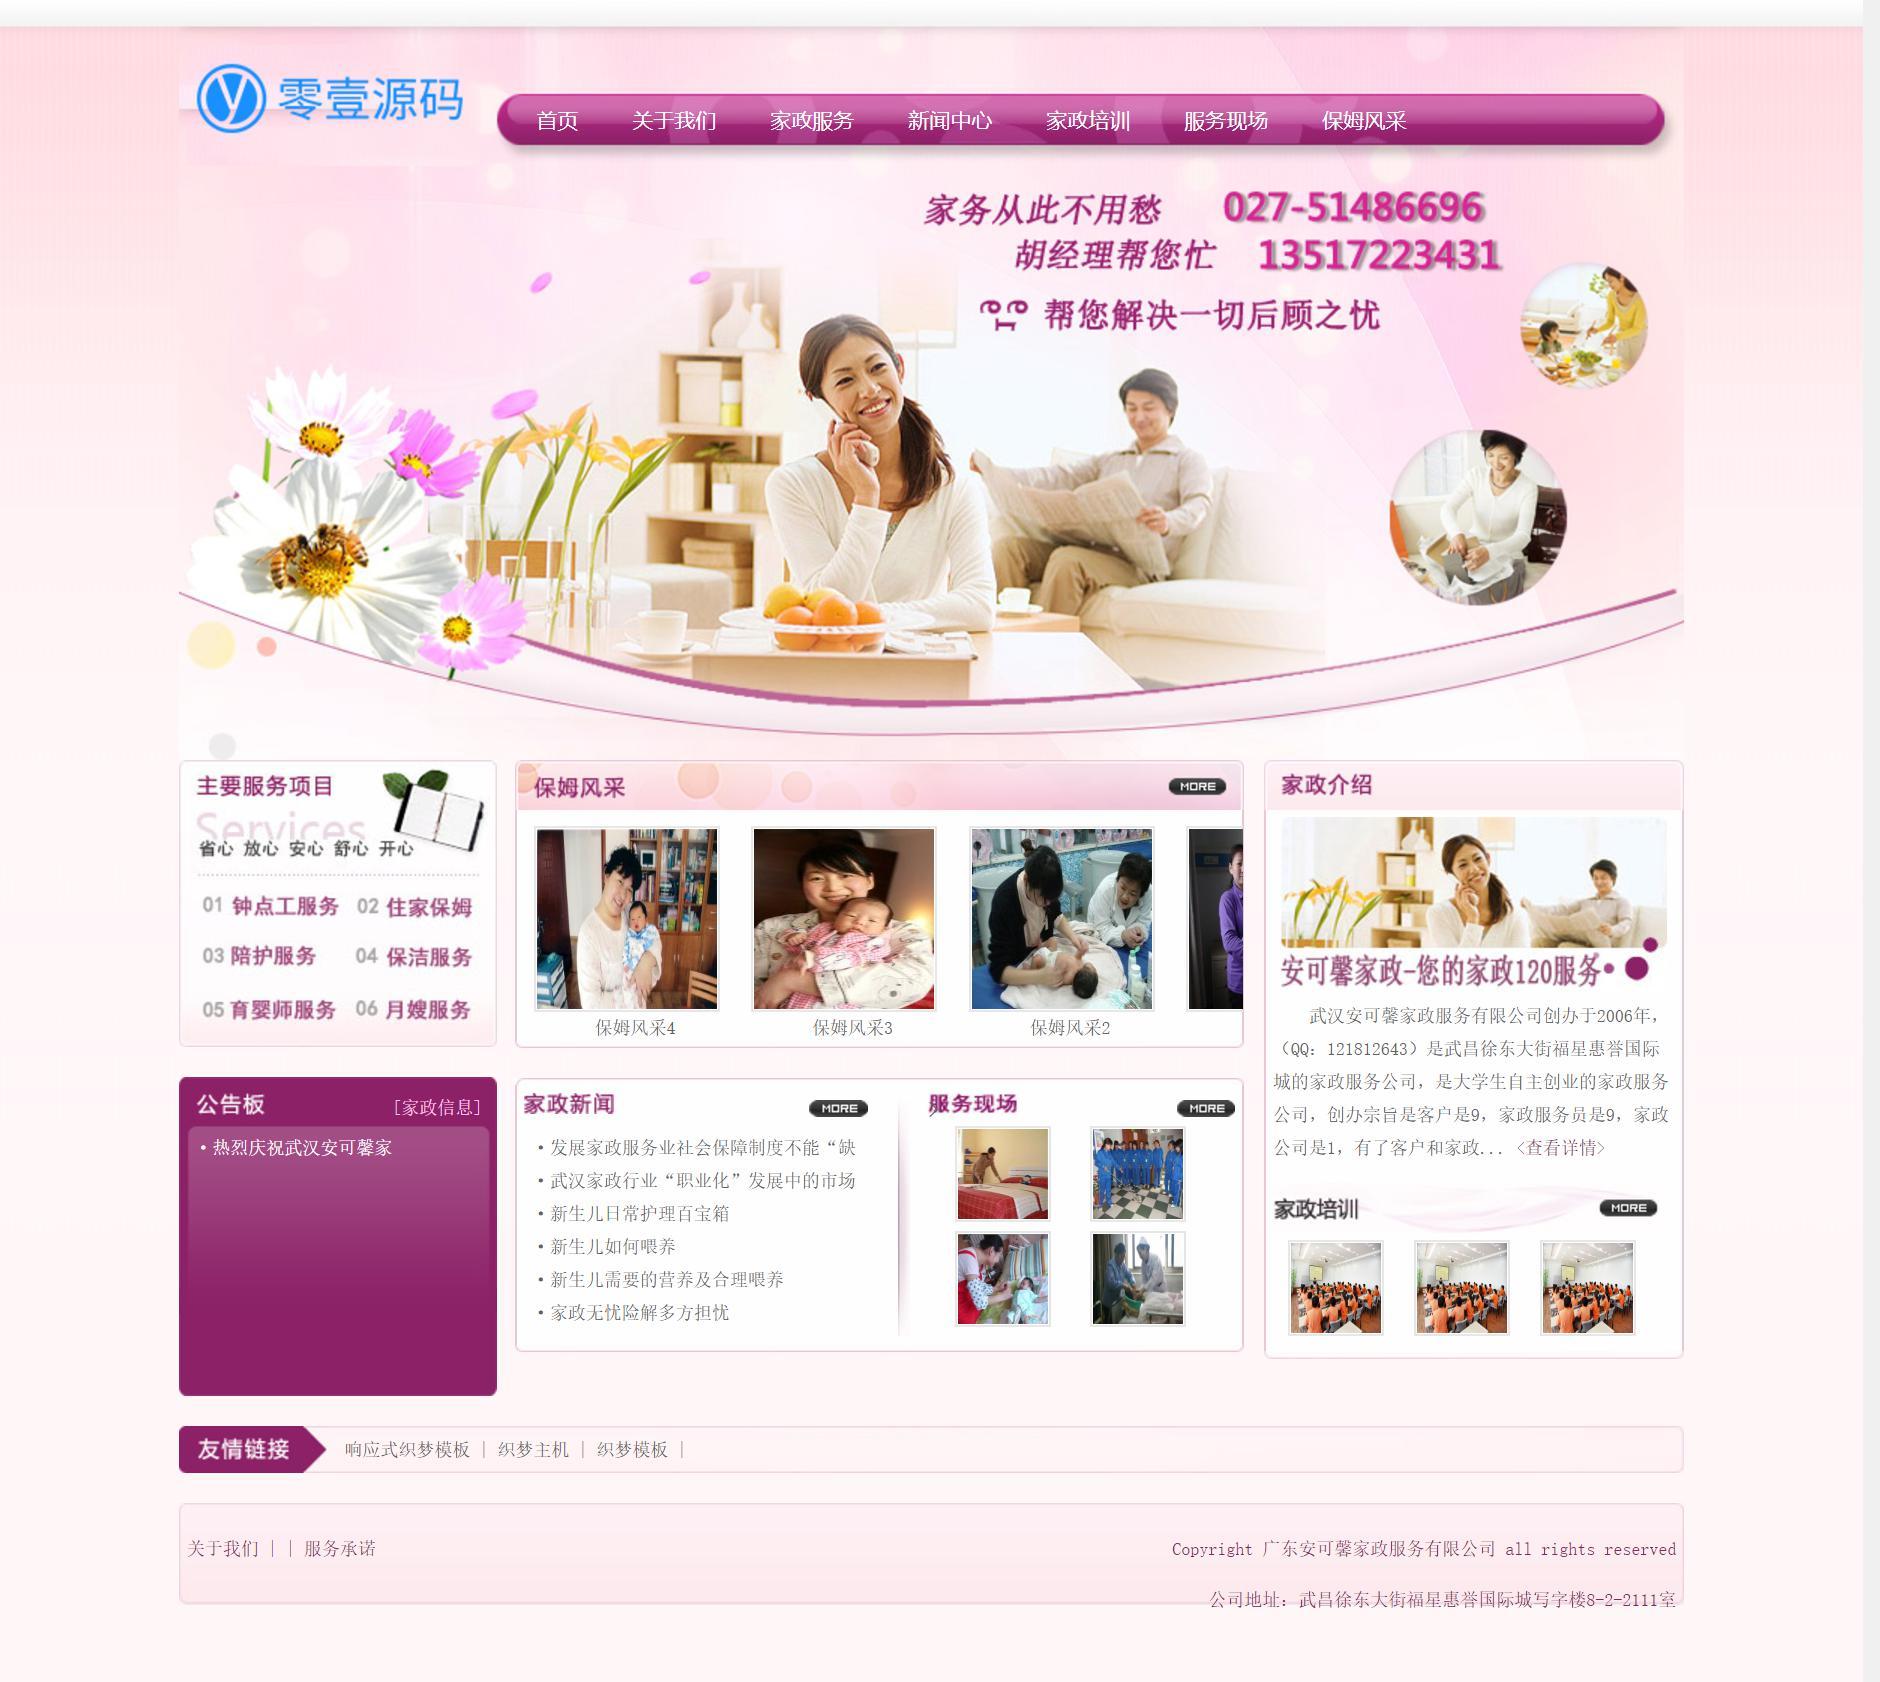 粉红色家政服务月嫂类网站织梦dedecms模板